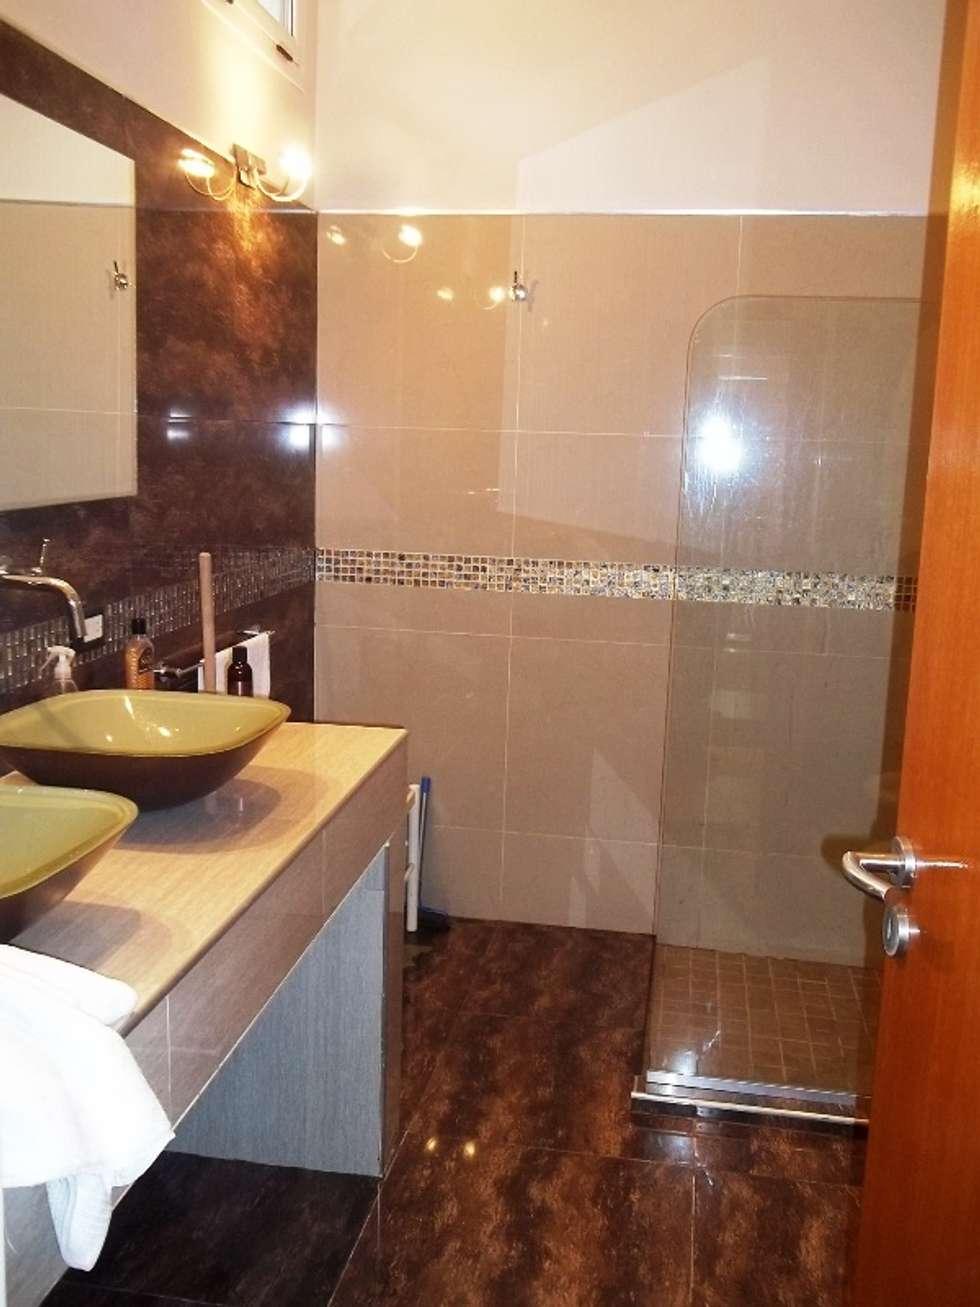 baño: Baños de estilo colonial por Liliana almada Propiedades